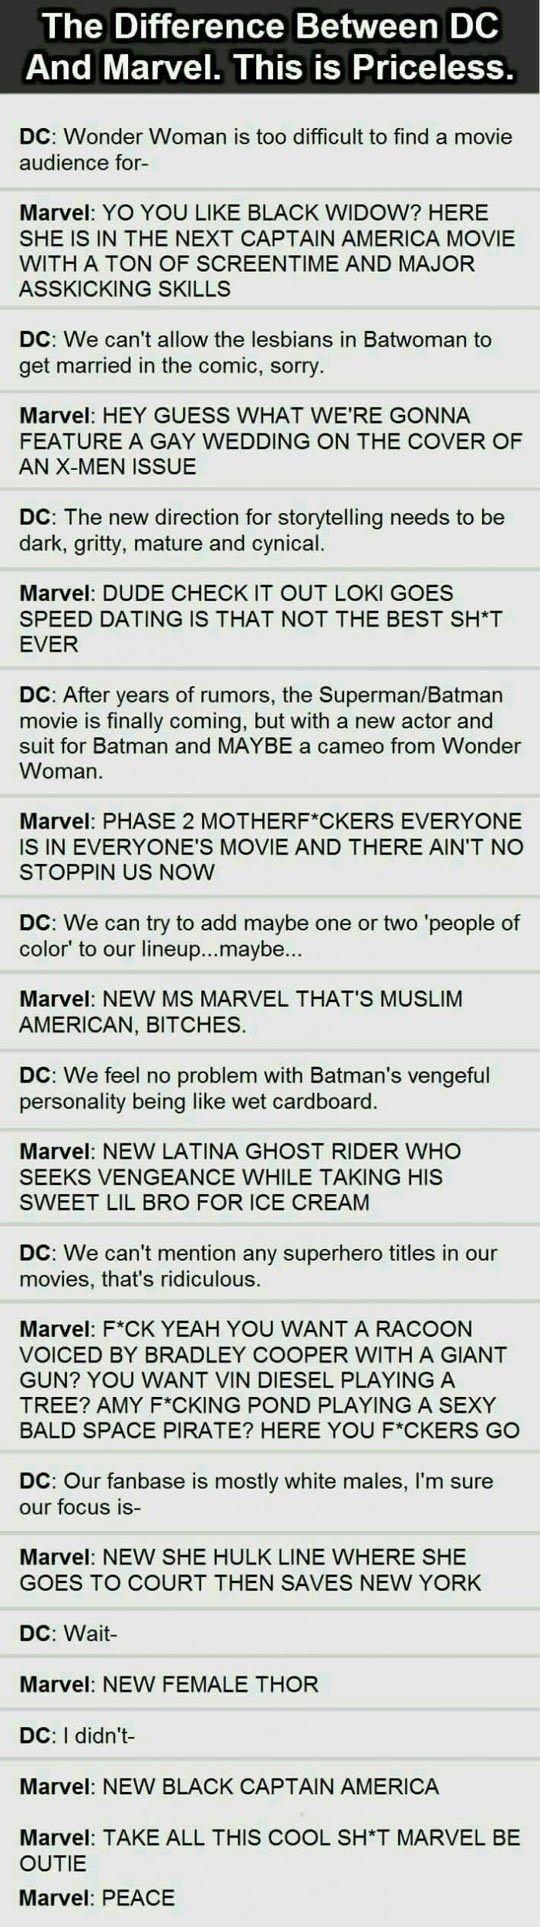 Marvel vs DC, the Real Struggle